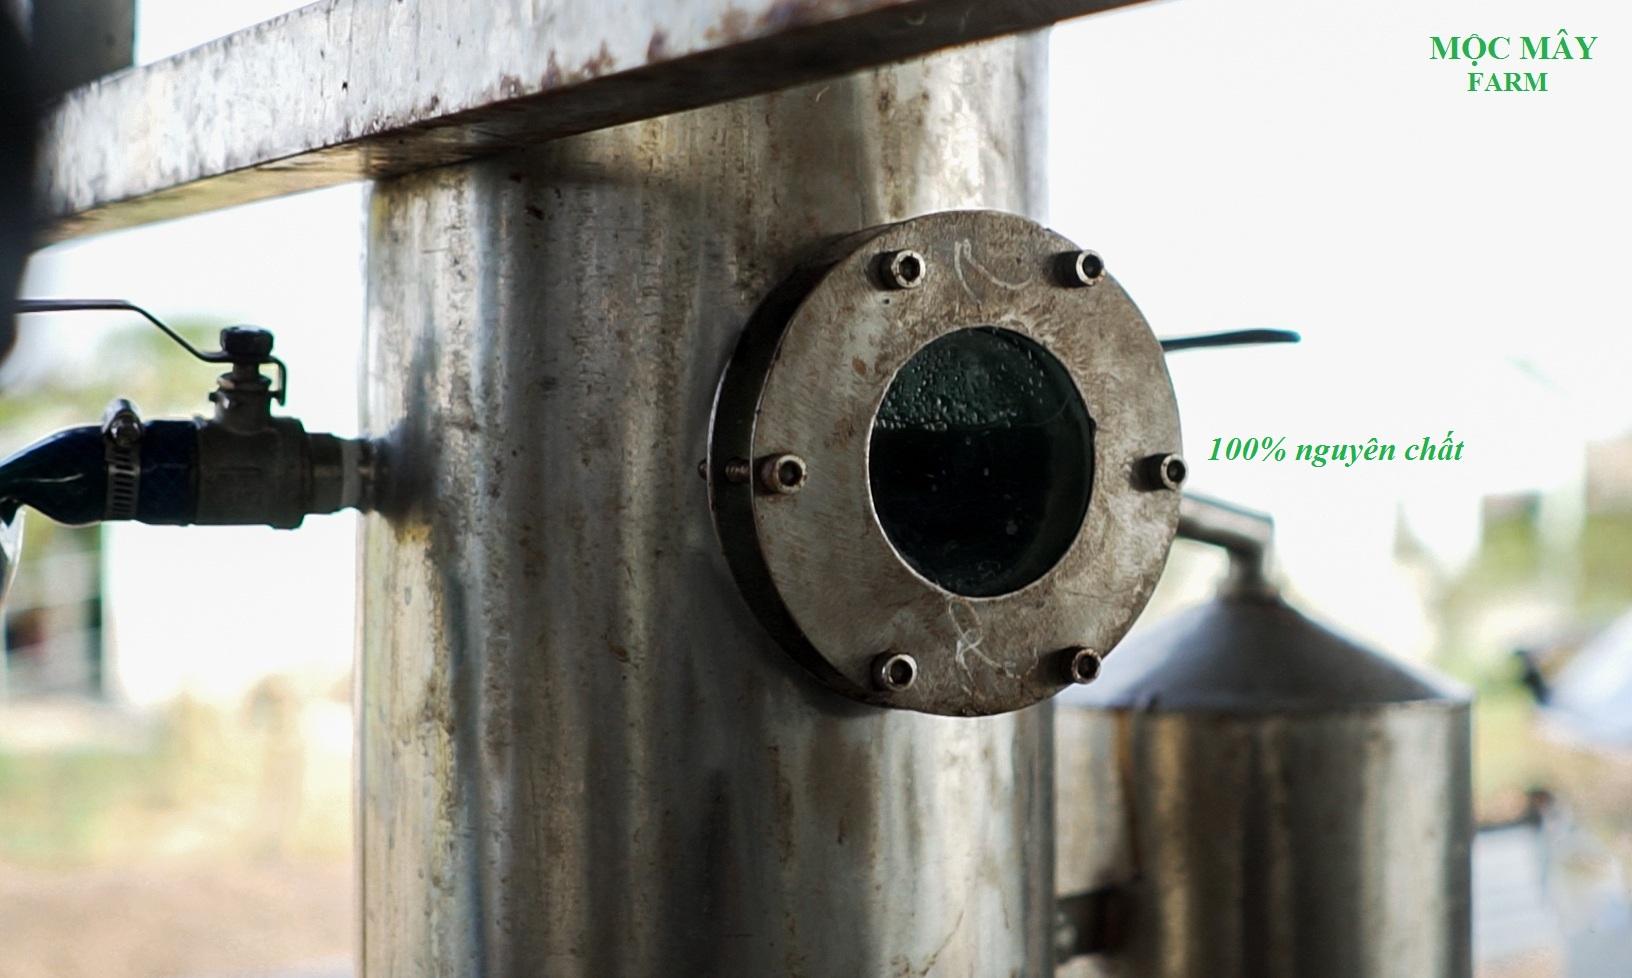 Tinh dầu Vỏ Quýt 10ml Mộc Mây - tinh dầu thiên nhiên nguyên chất 100% - chất lượng và mùi hương vượt trội